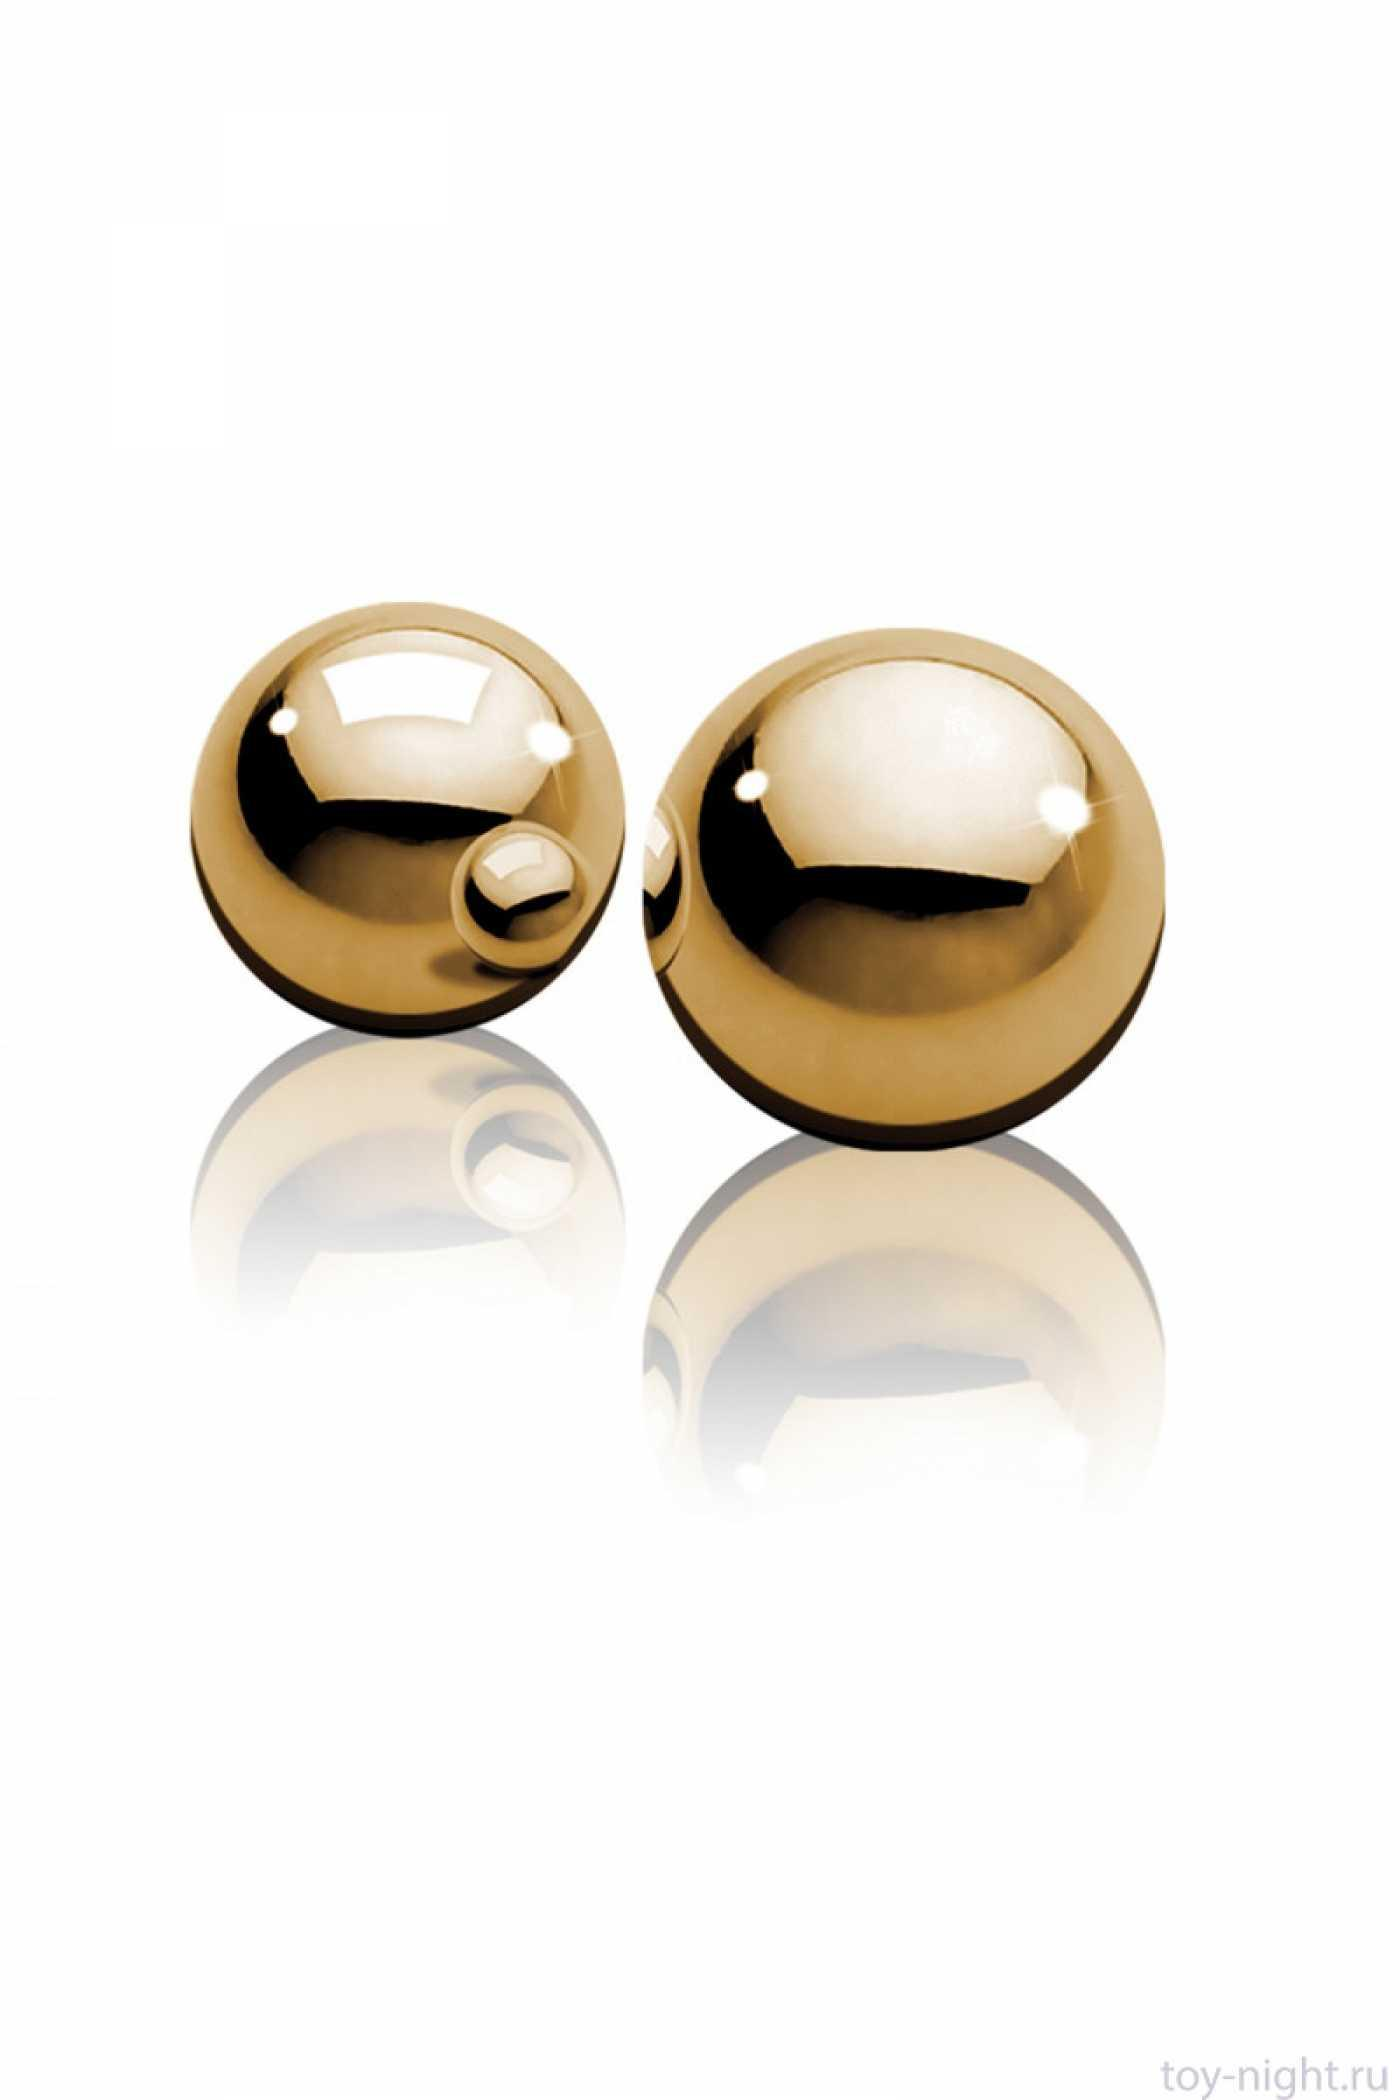 Вагинальные шарики Ben Wa золотые